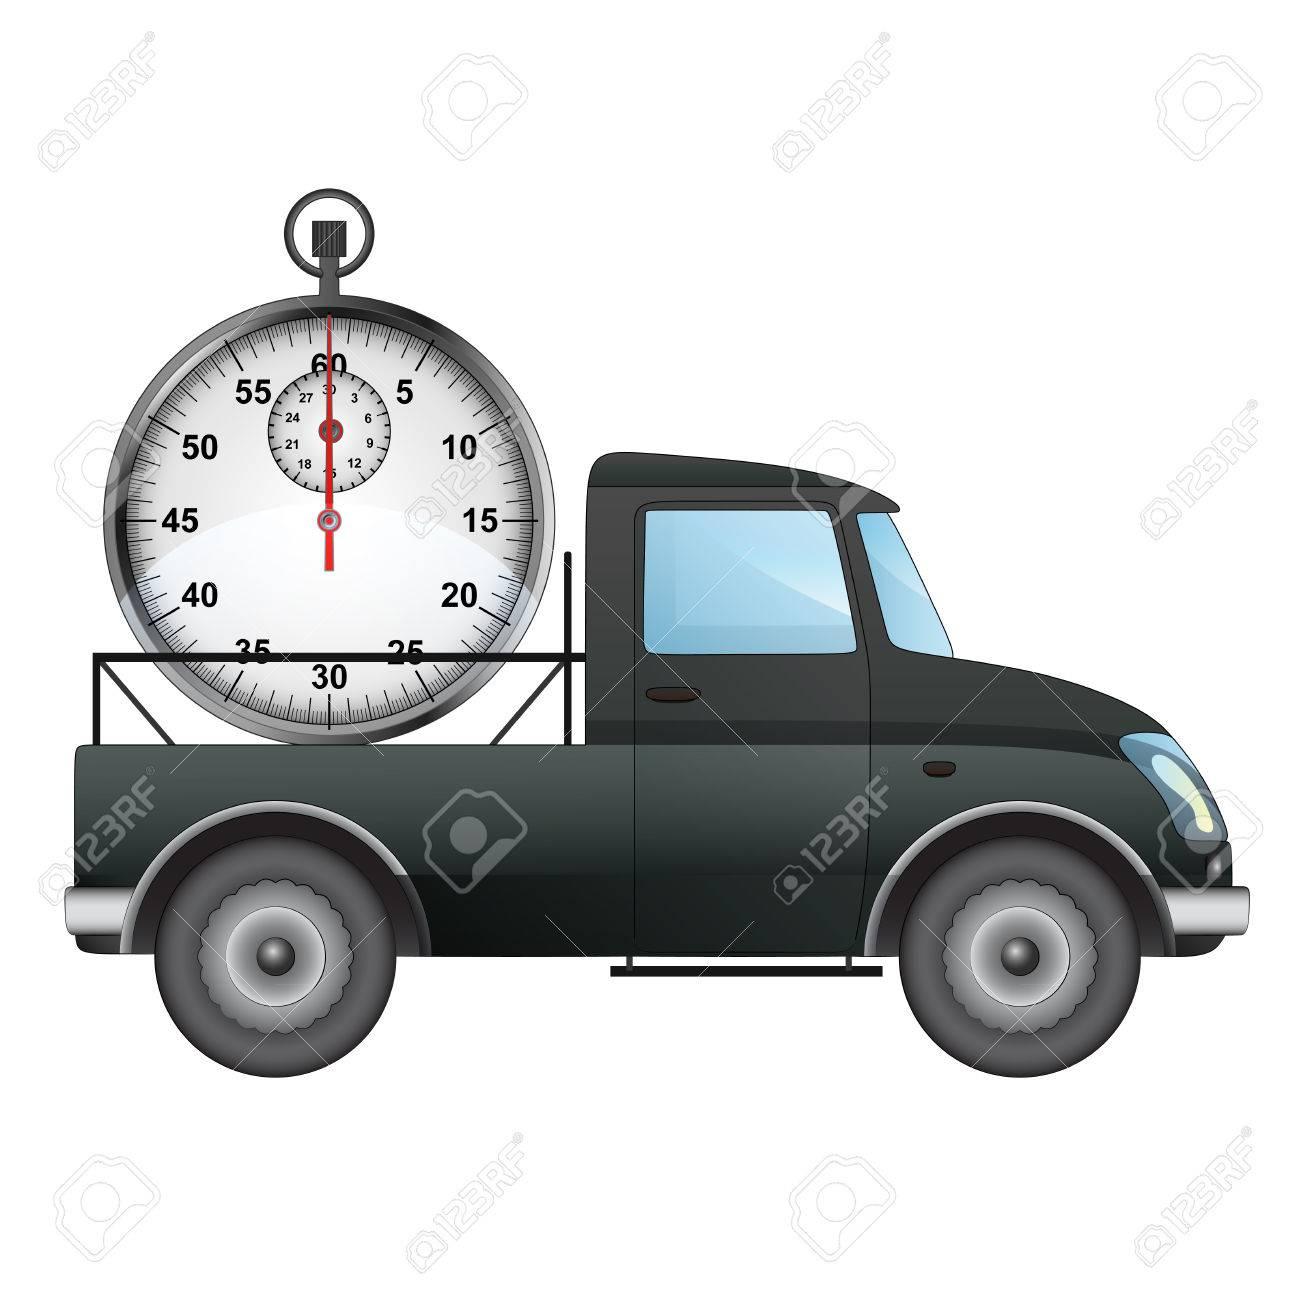 Isolato di pick up auto sul tempo di consegna di disegno vettoriale illustrazione archivio fotografico